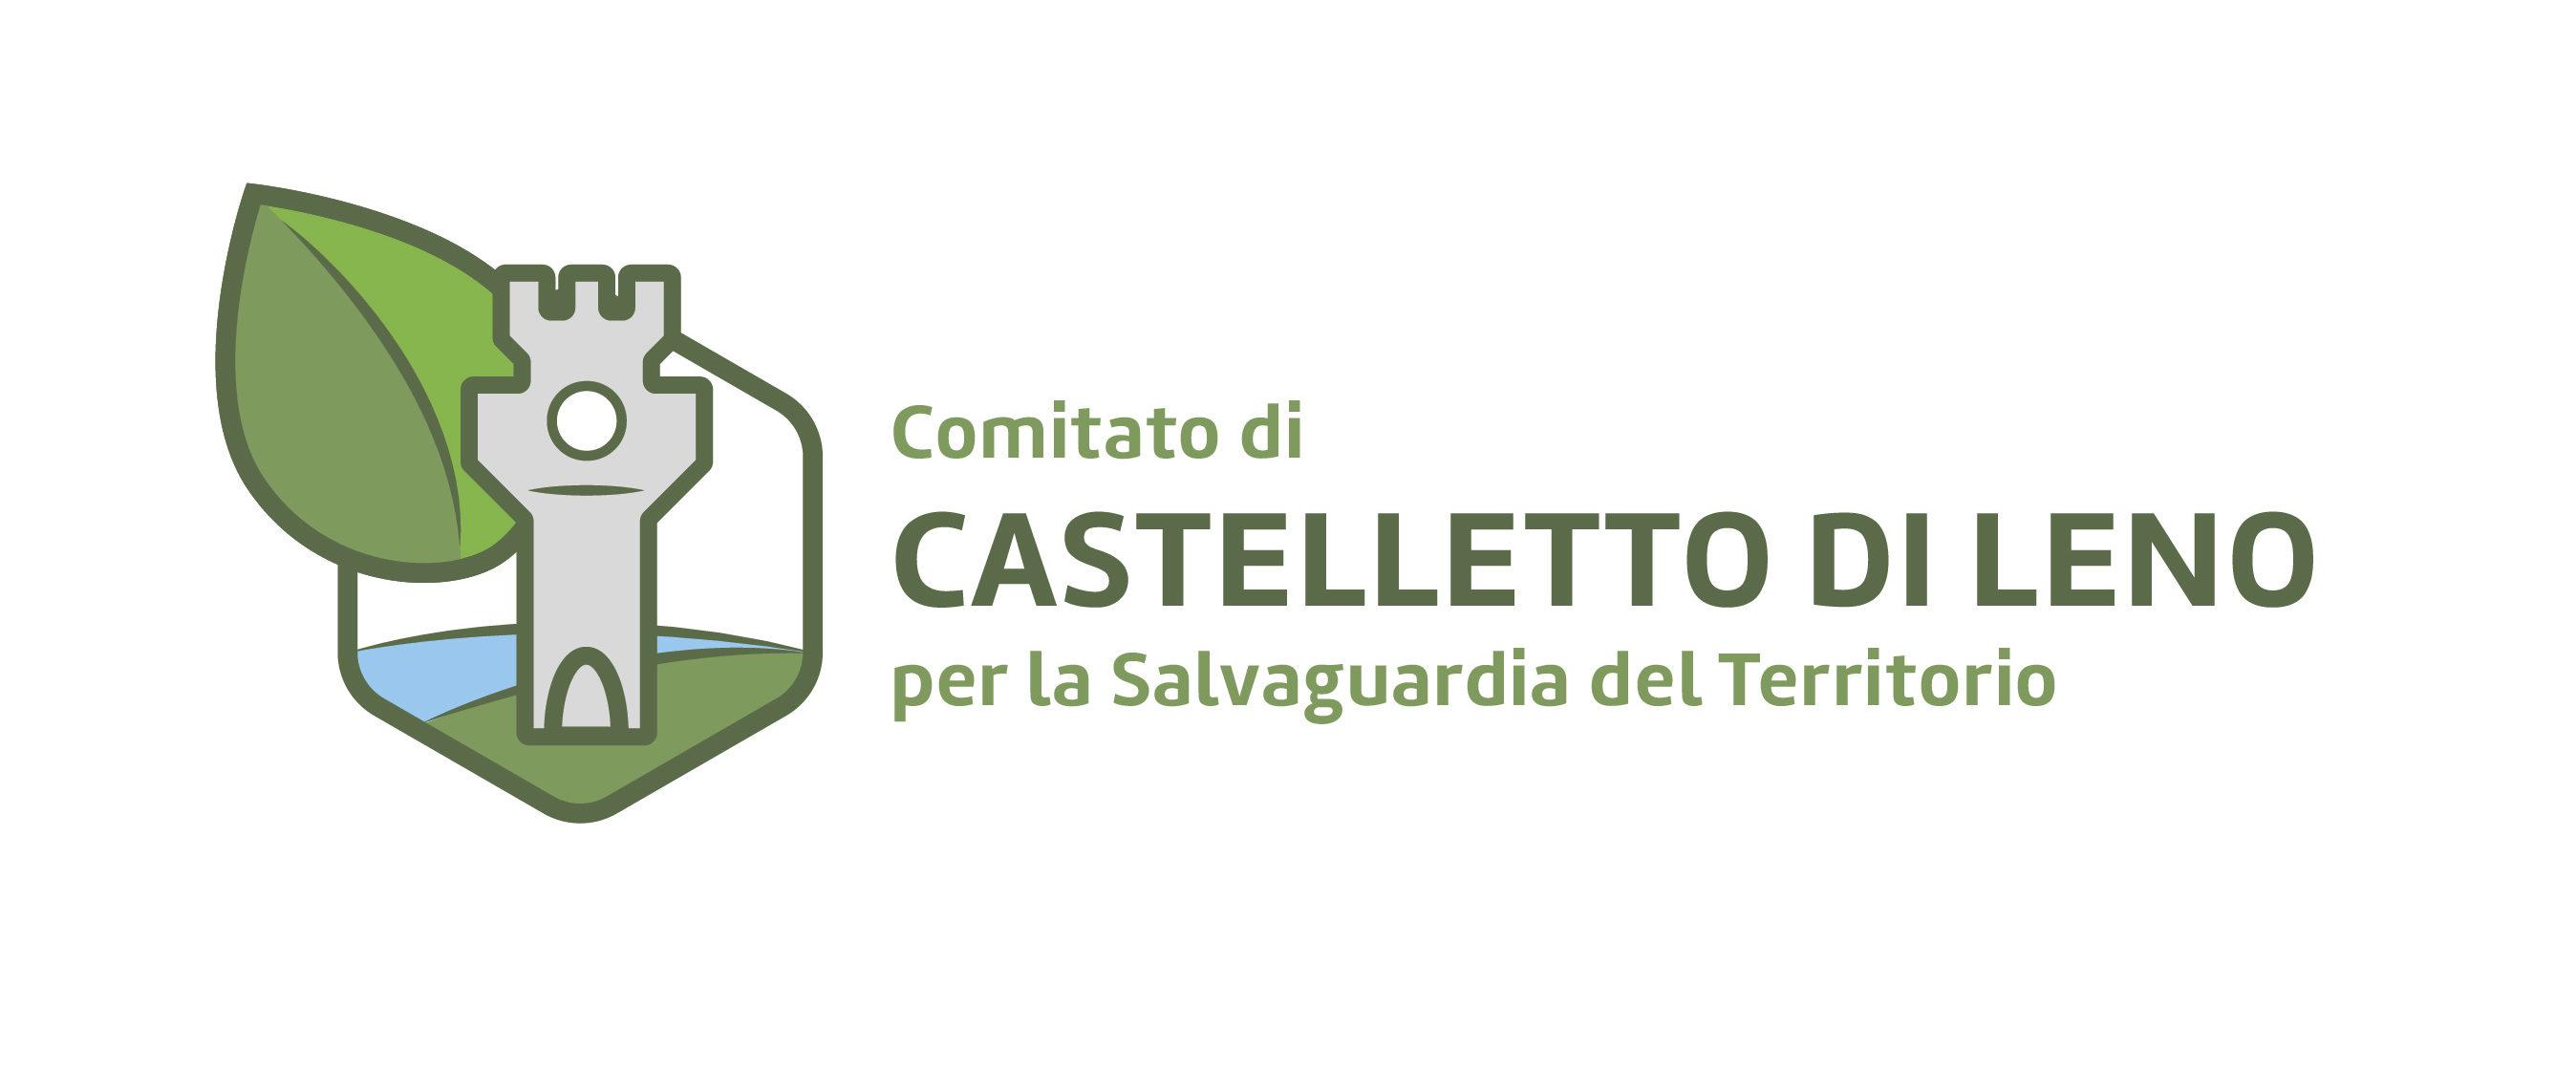 Comitato per la Salvaguardia del Territorio di Castelletto di Leno